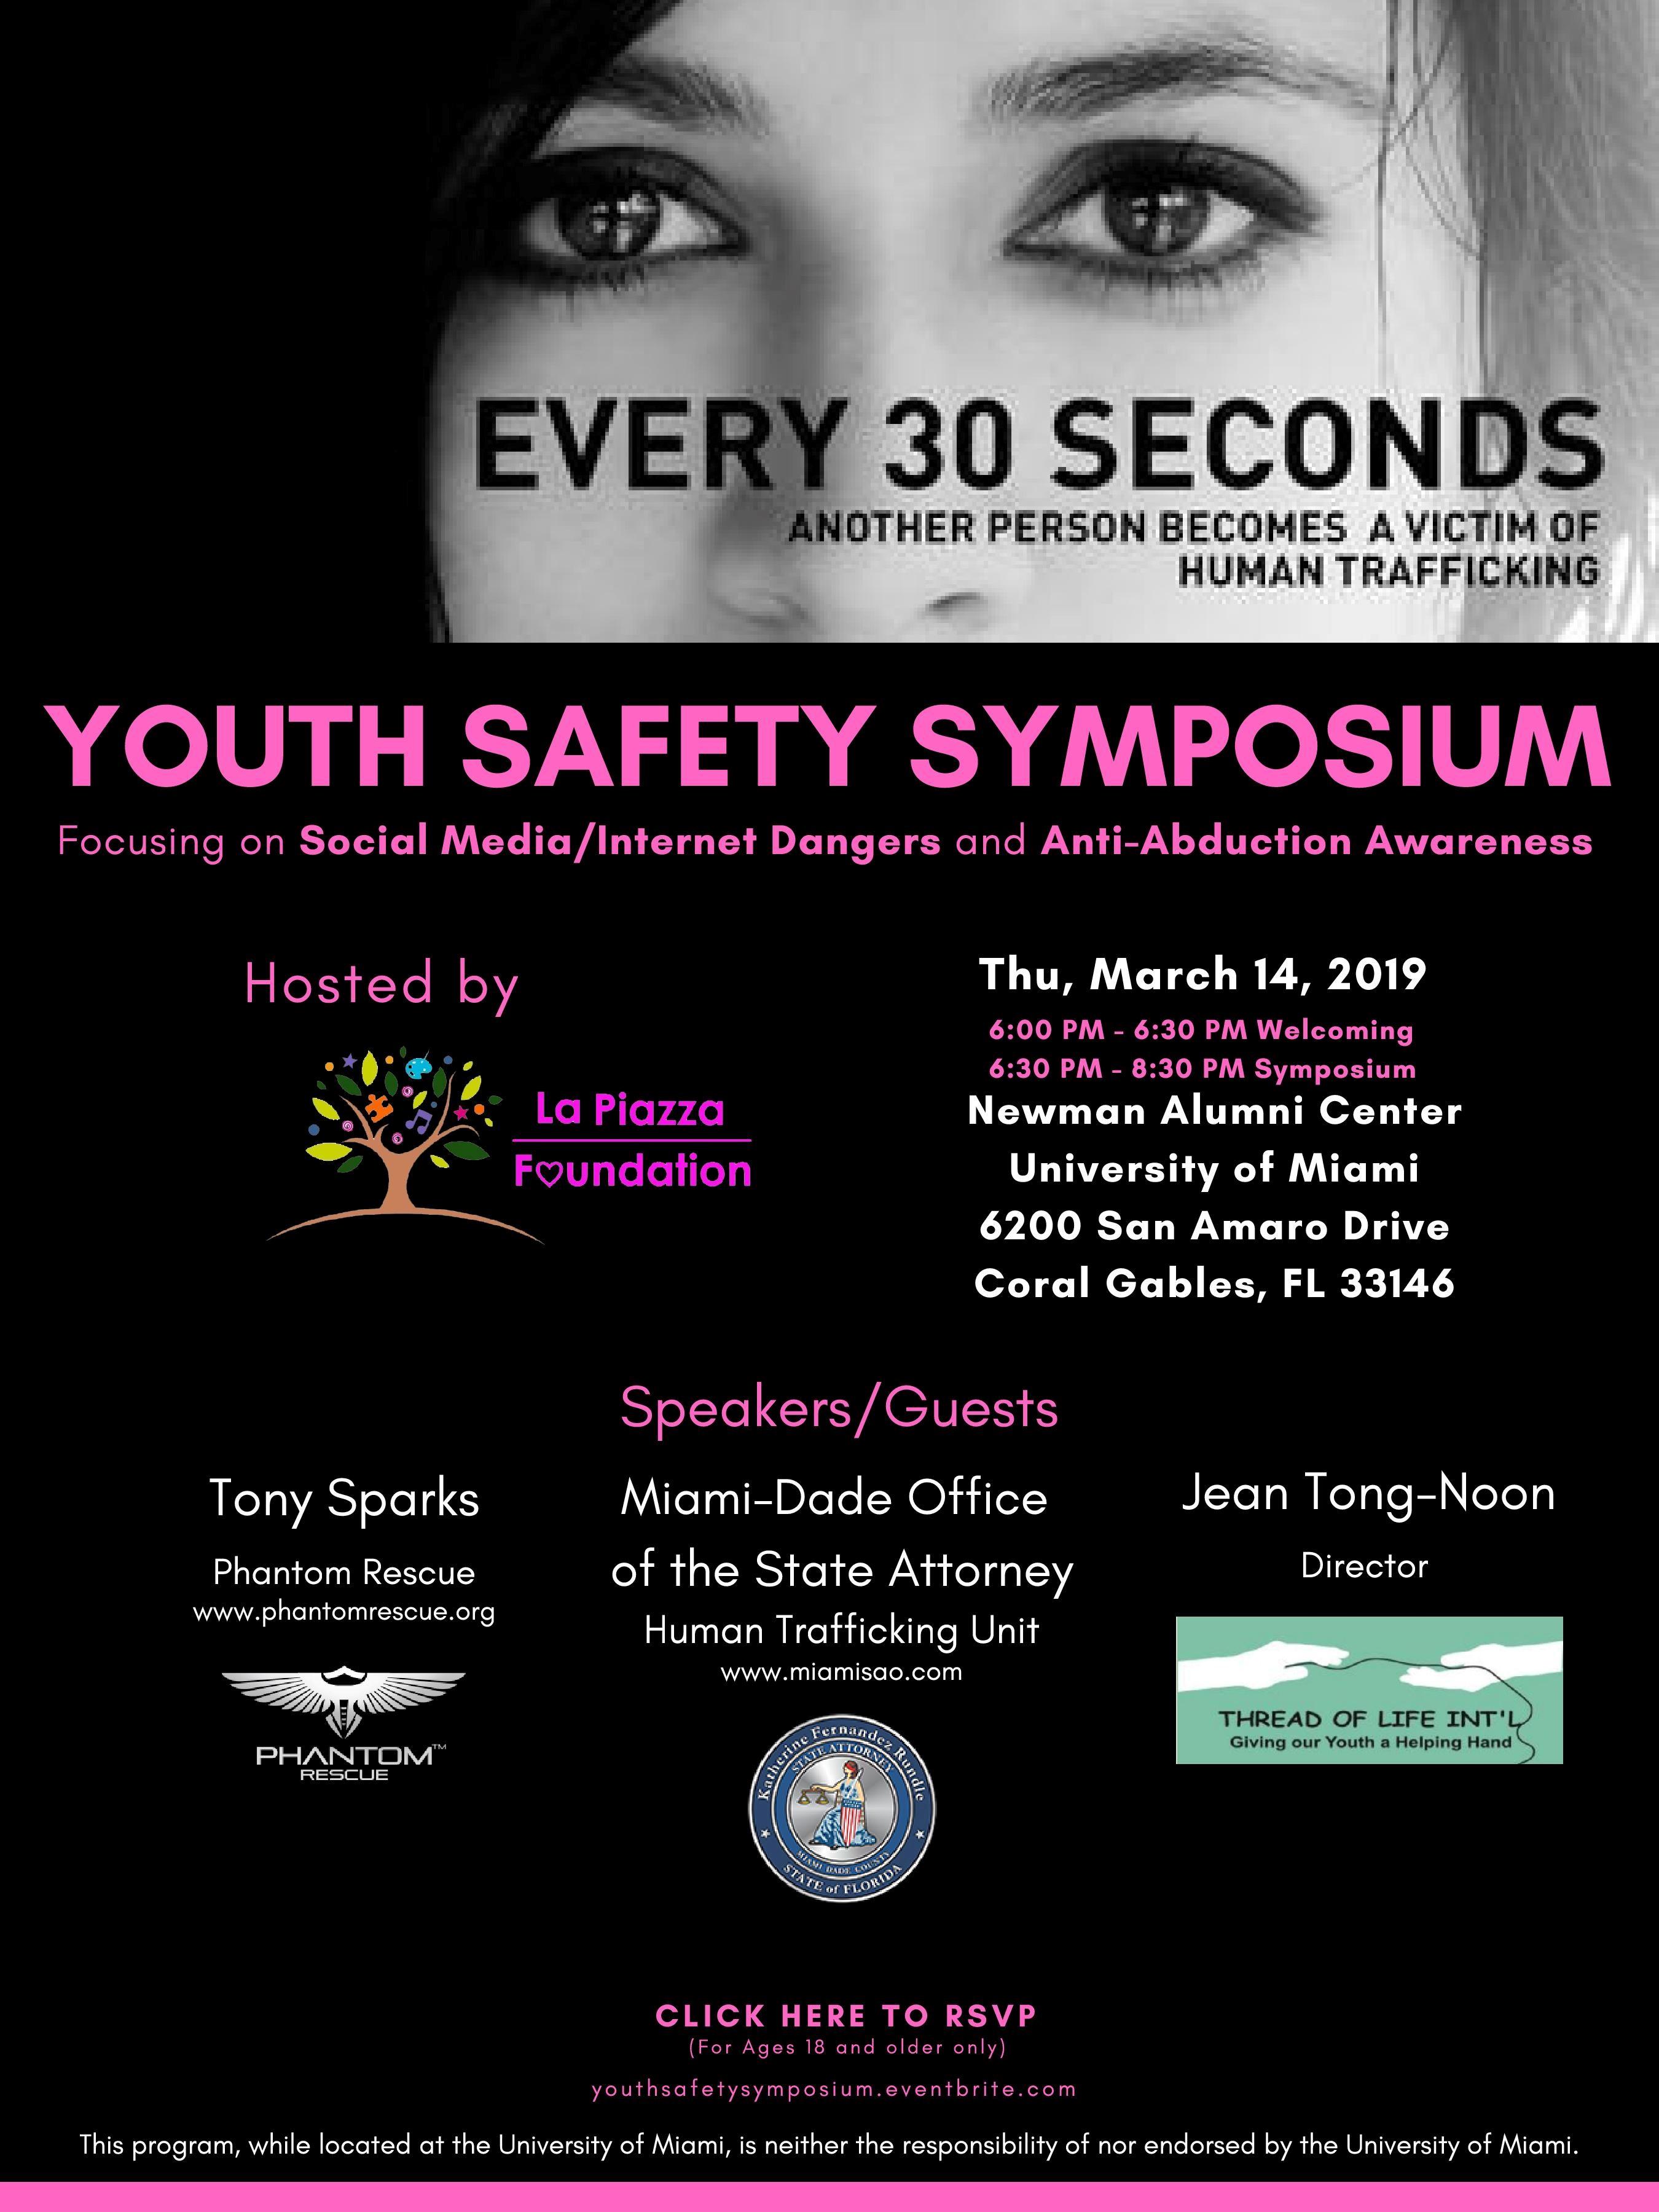 Youth Safety Symposium